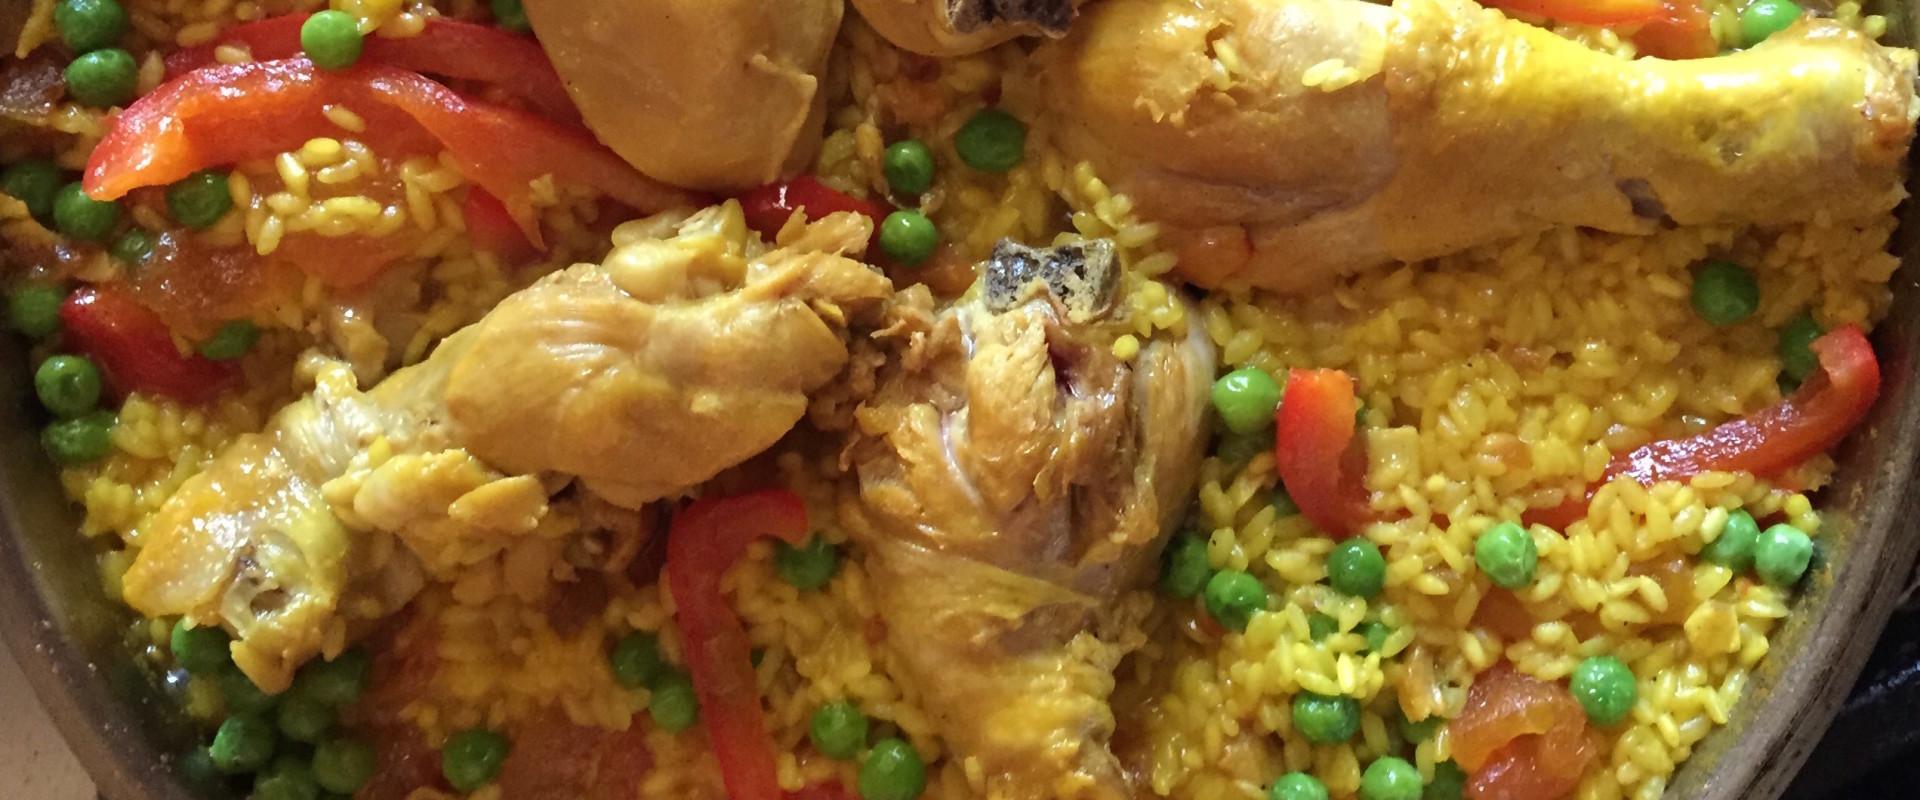 Paella met kip (paella de pollo)